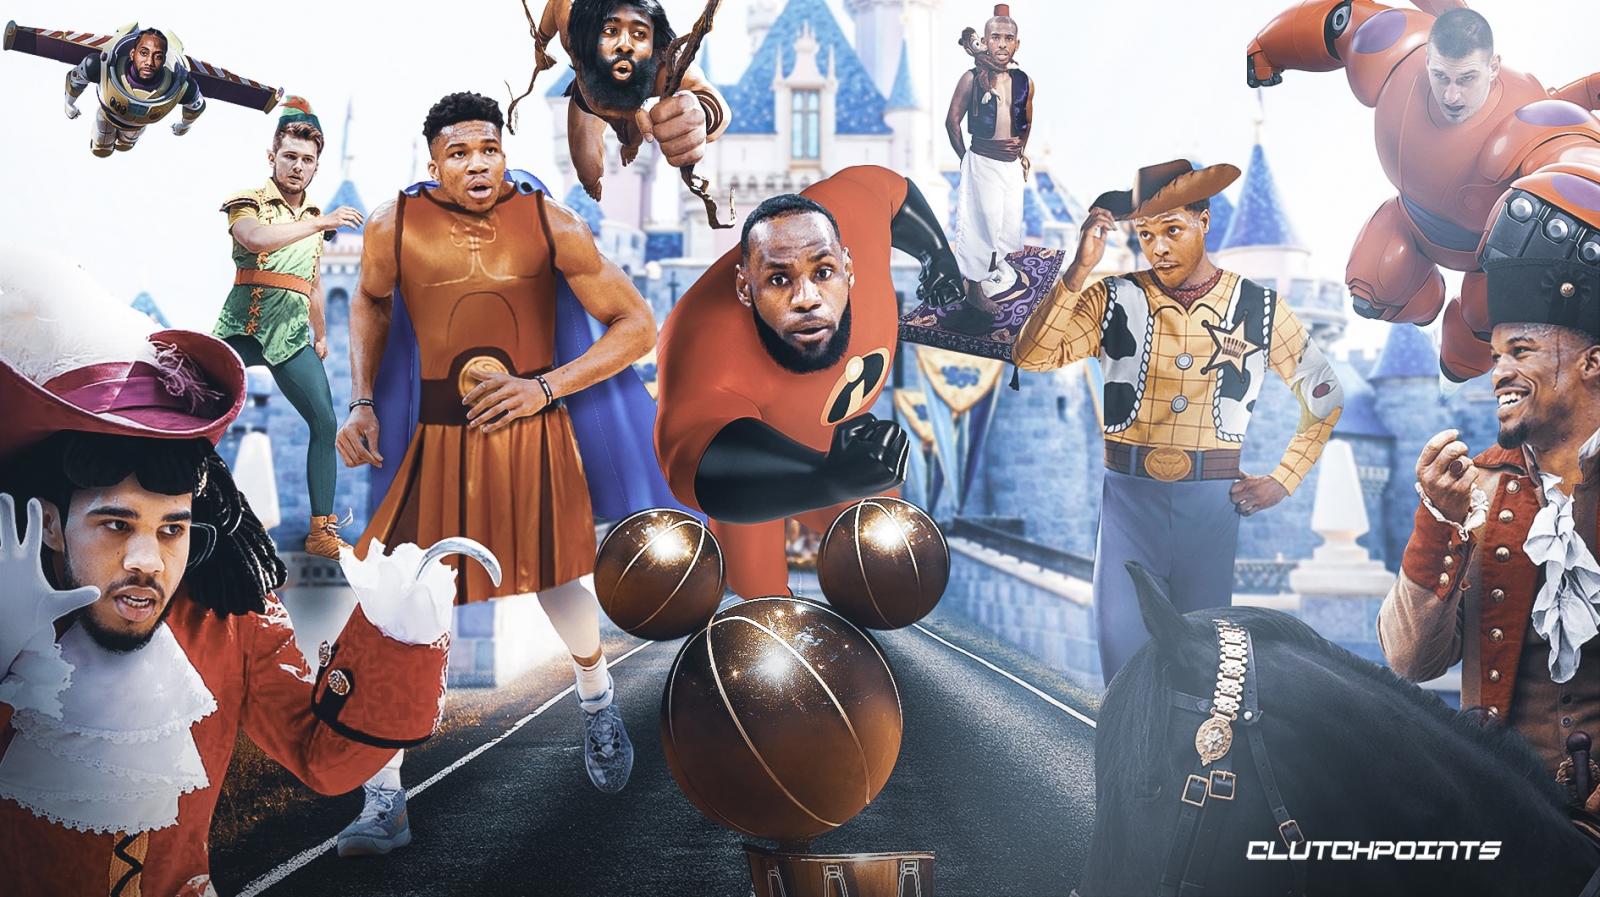 媒体晒众球星与迪士尼人物合成趣图:让比赛开始吧